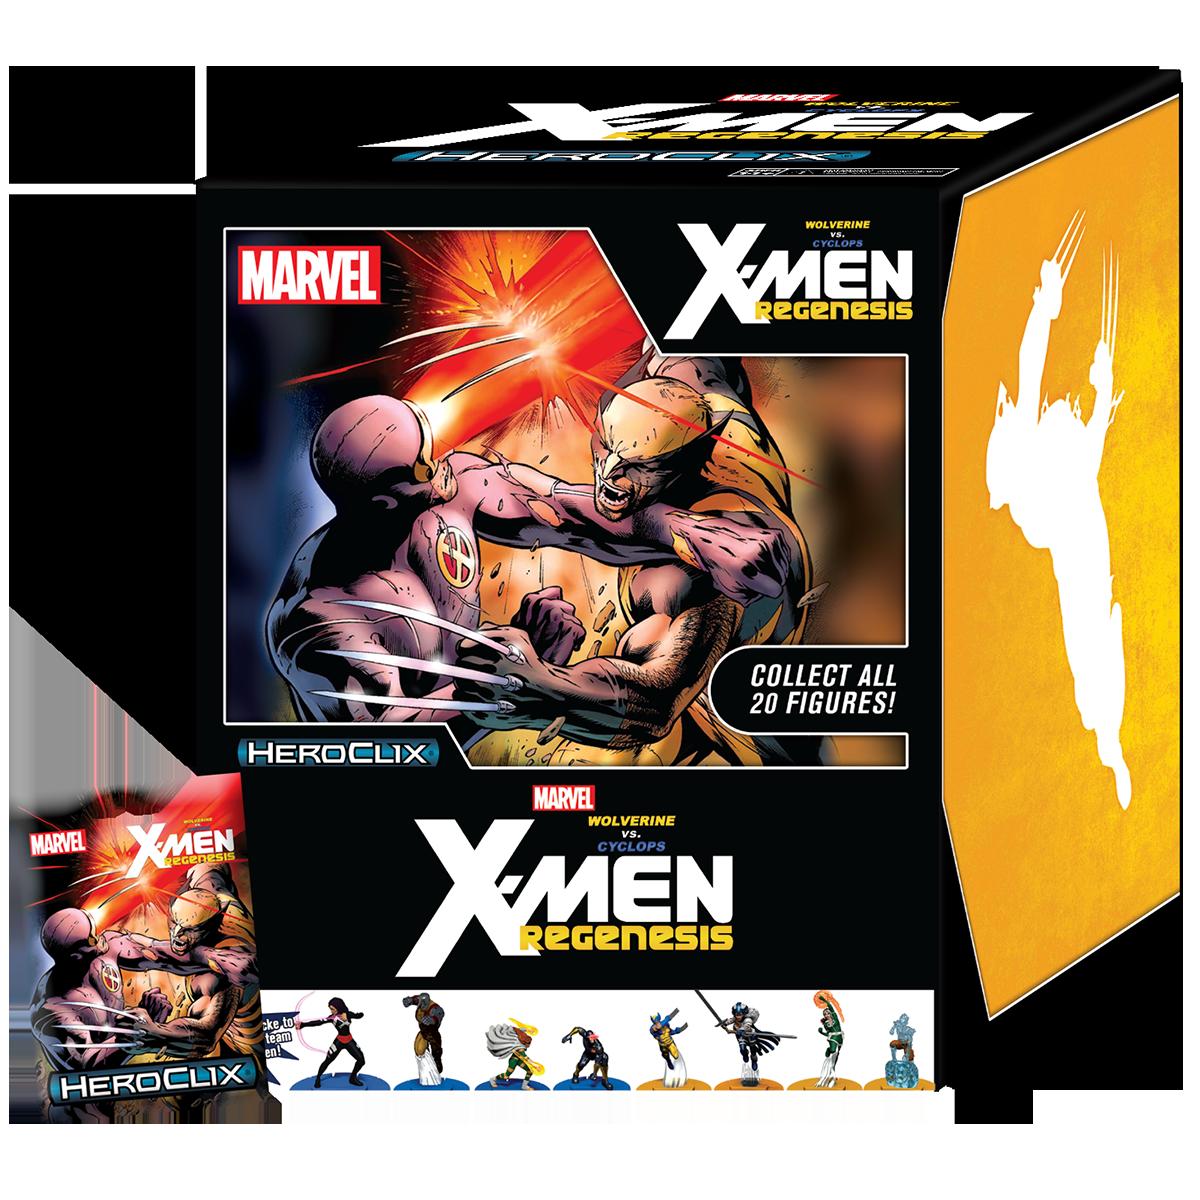 Marvel Heroclix Wolverine Vs Cyclops X Men Regenesis Storyline Op Heroclix